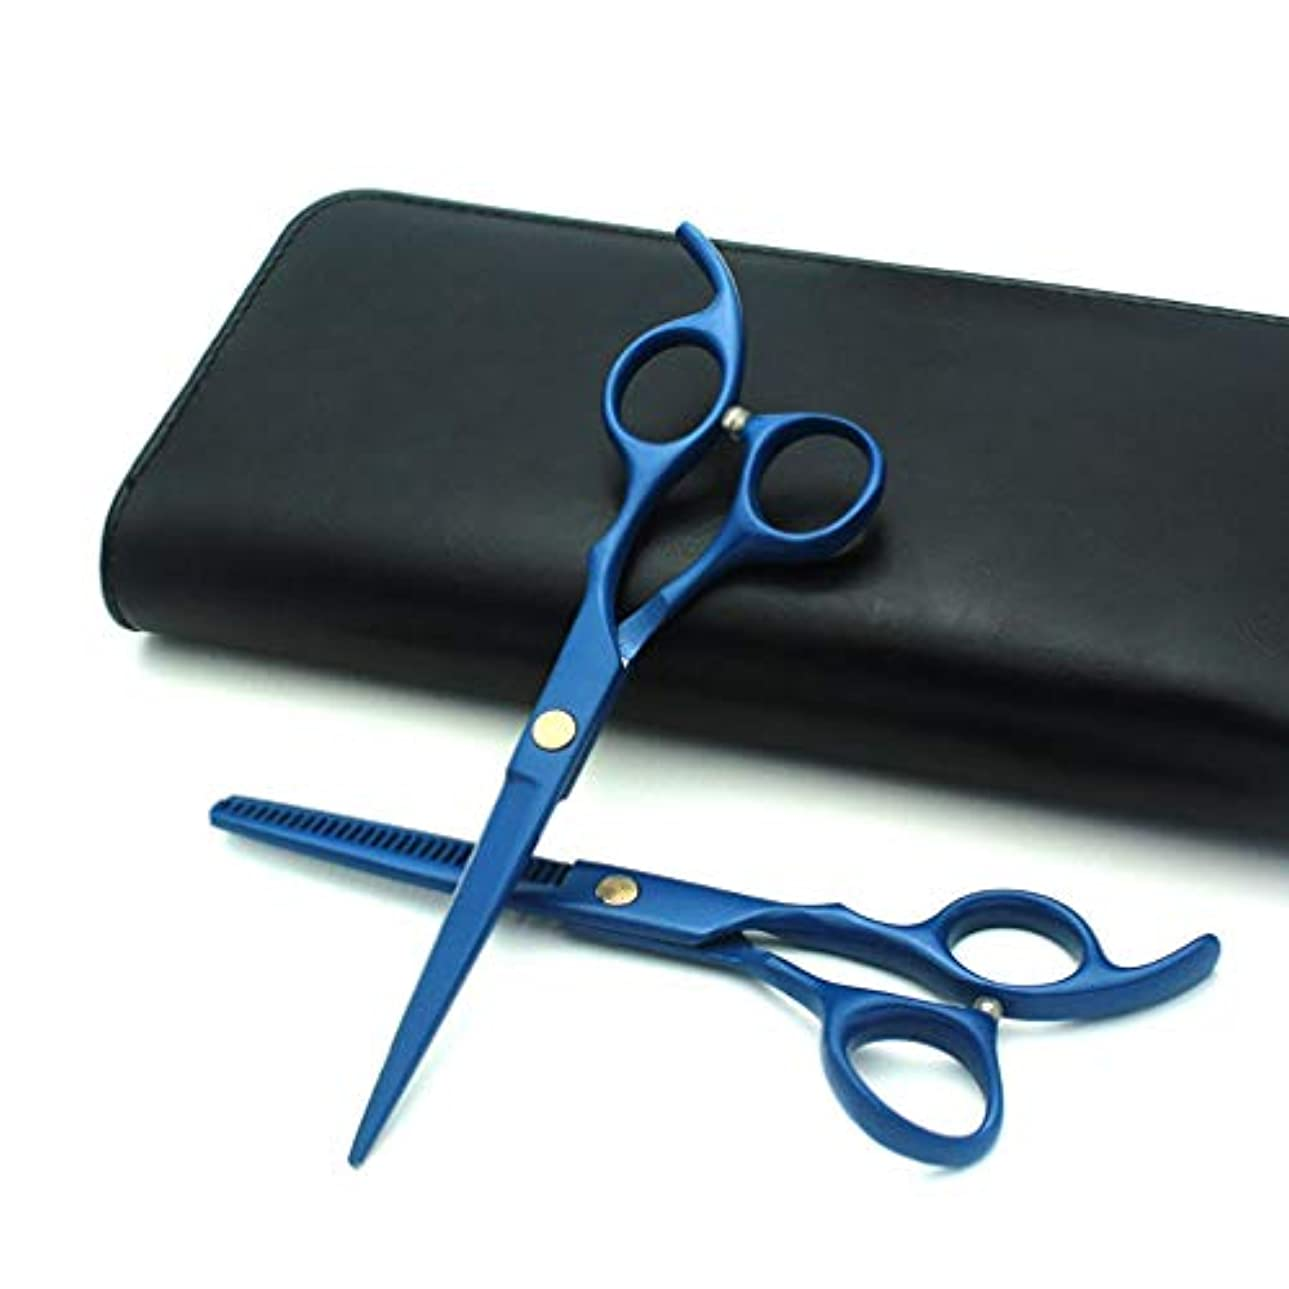 経歴なめらか縞模様のヘアカットはさみ、プロの理髪はさみ ステンレス鋼のかみそりの刃、6インチの理髪はさみ,Blue